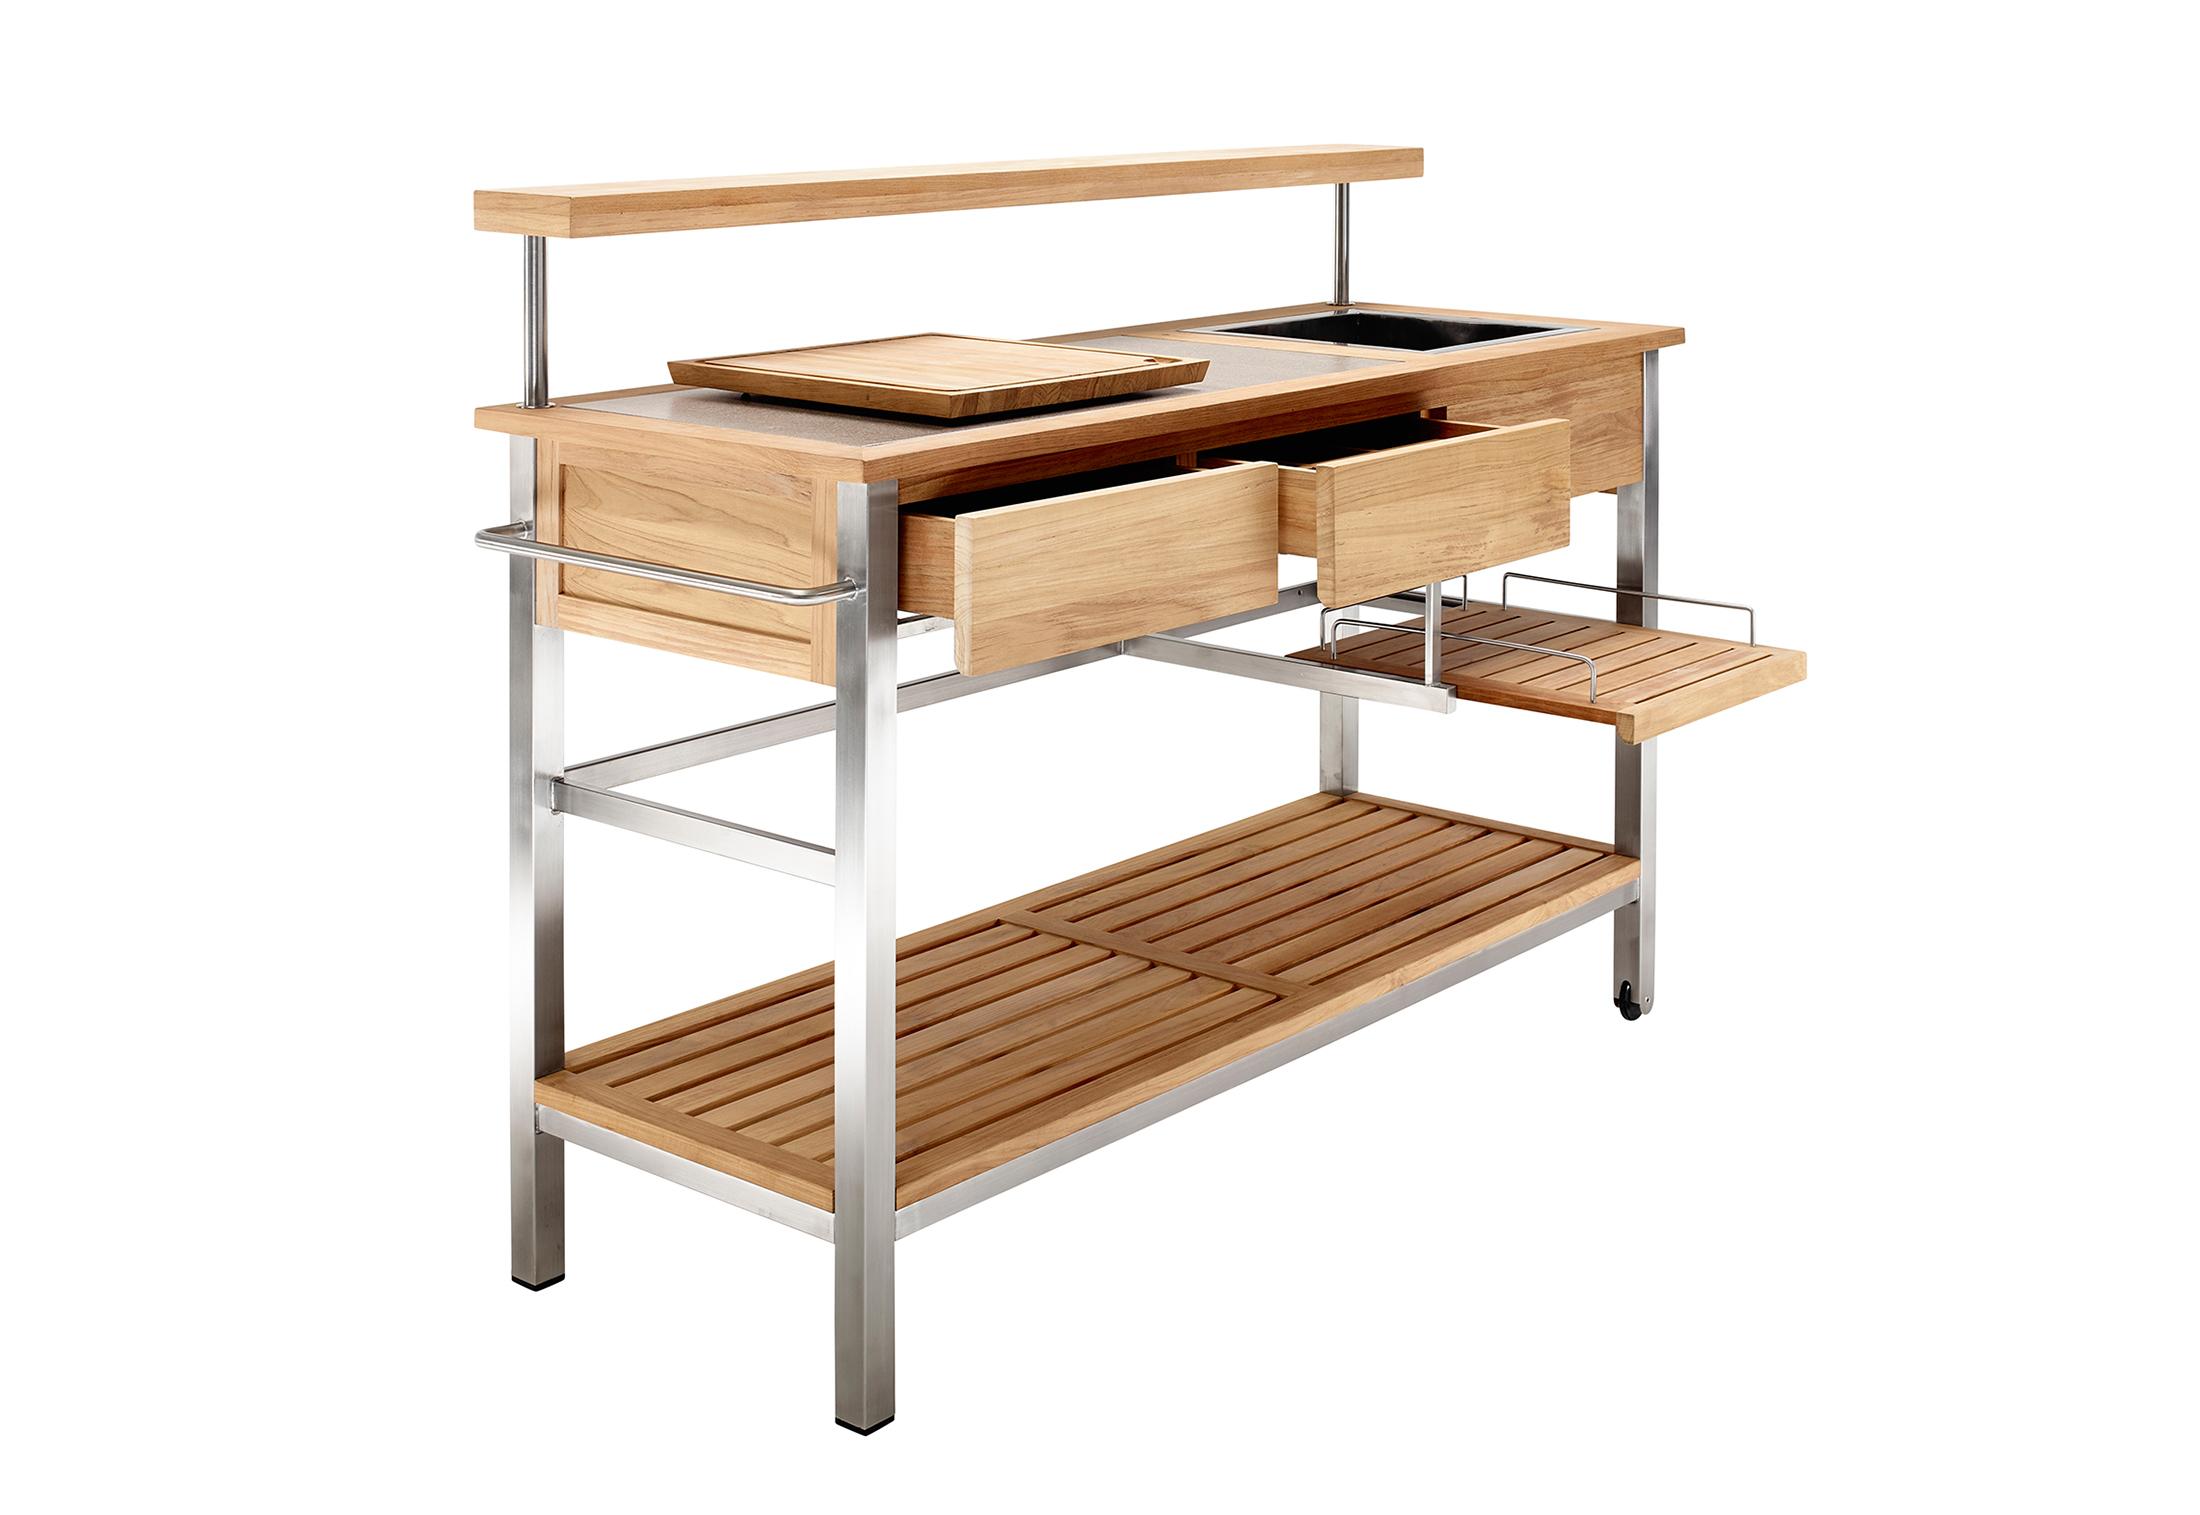 Outdoor Küchenwagen : Outdoor küche schrank küchenwagen mdf servierwagen küchen